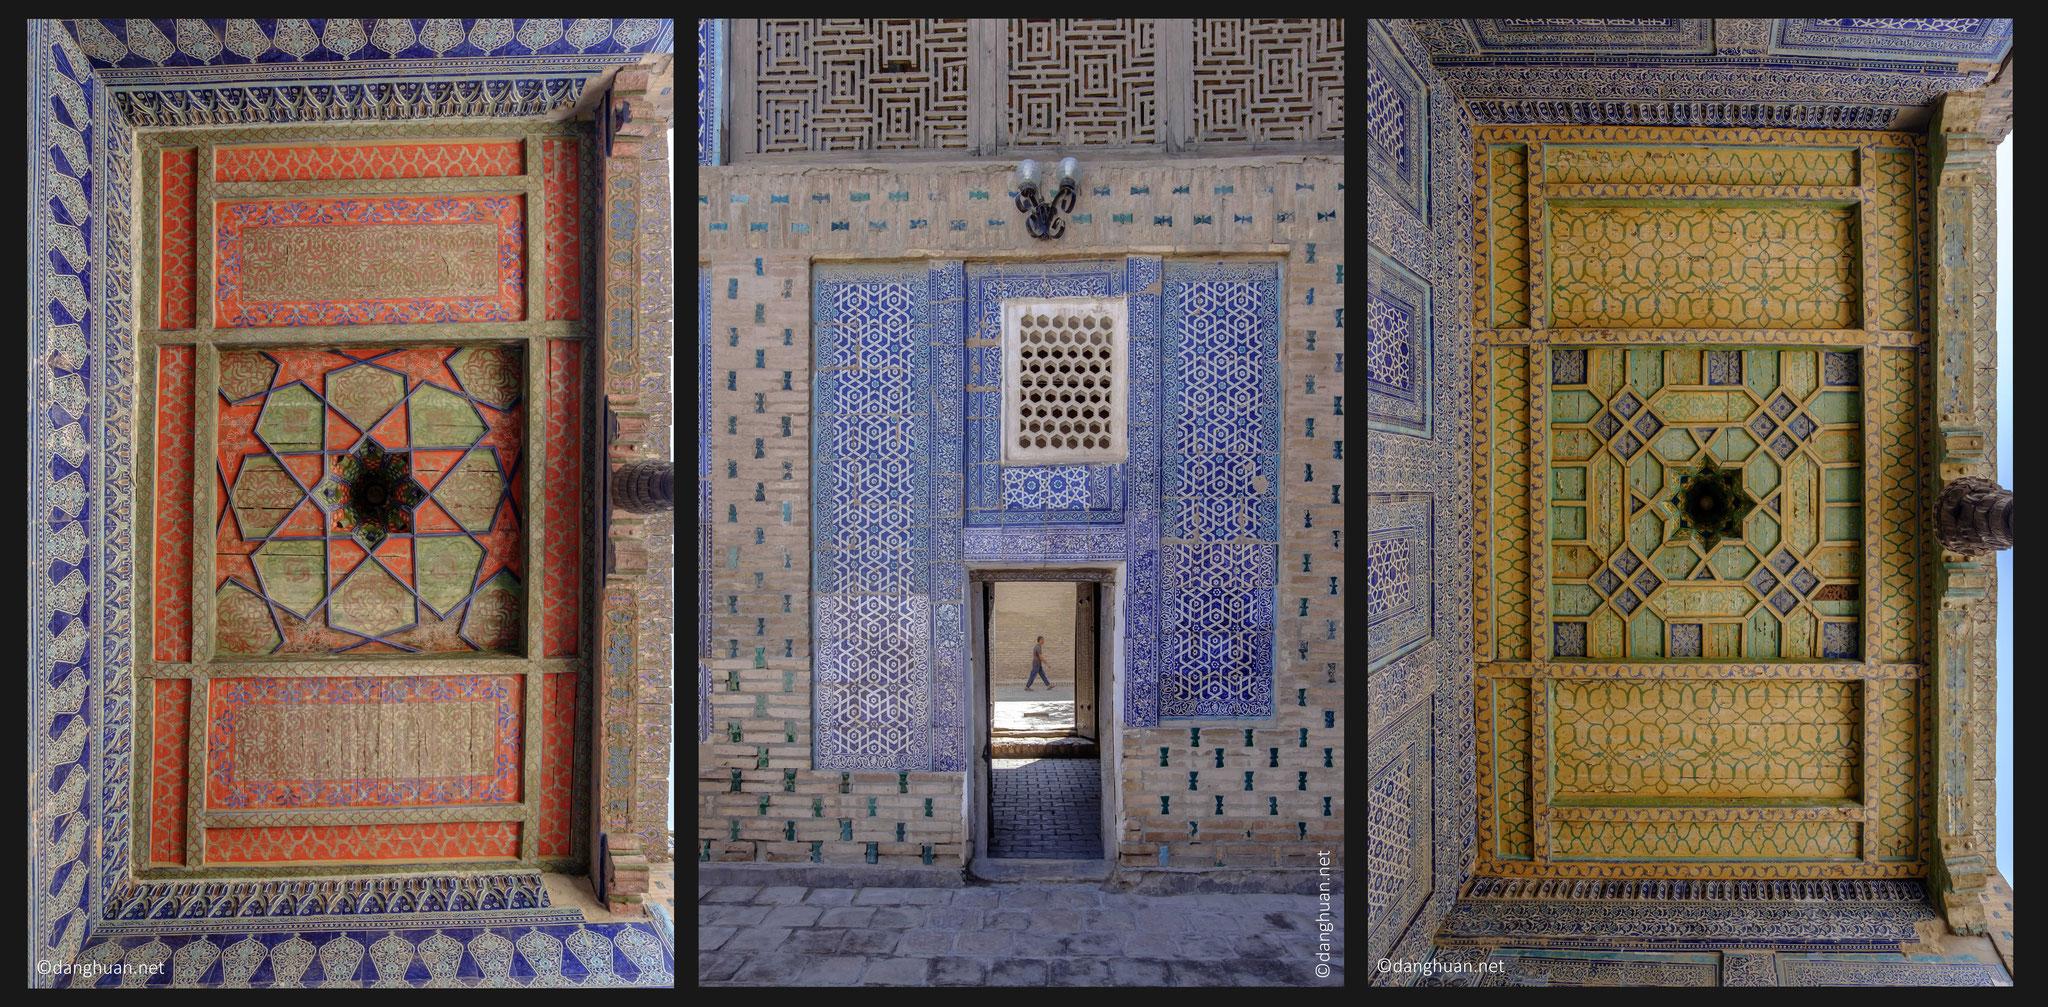 décorations des plafonds des Iwan du palais